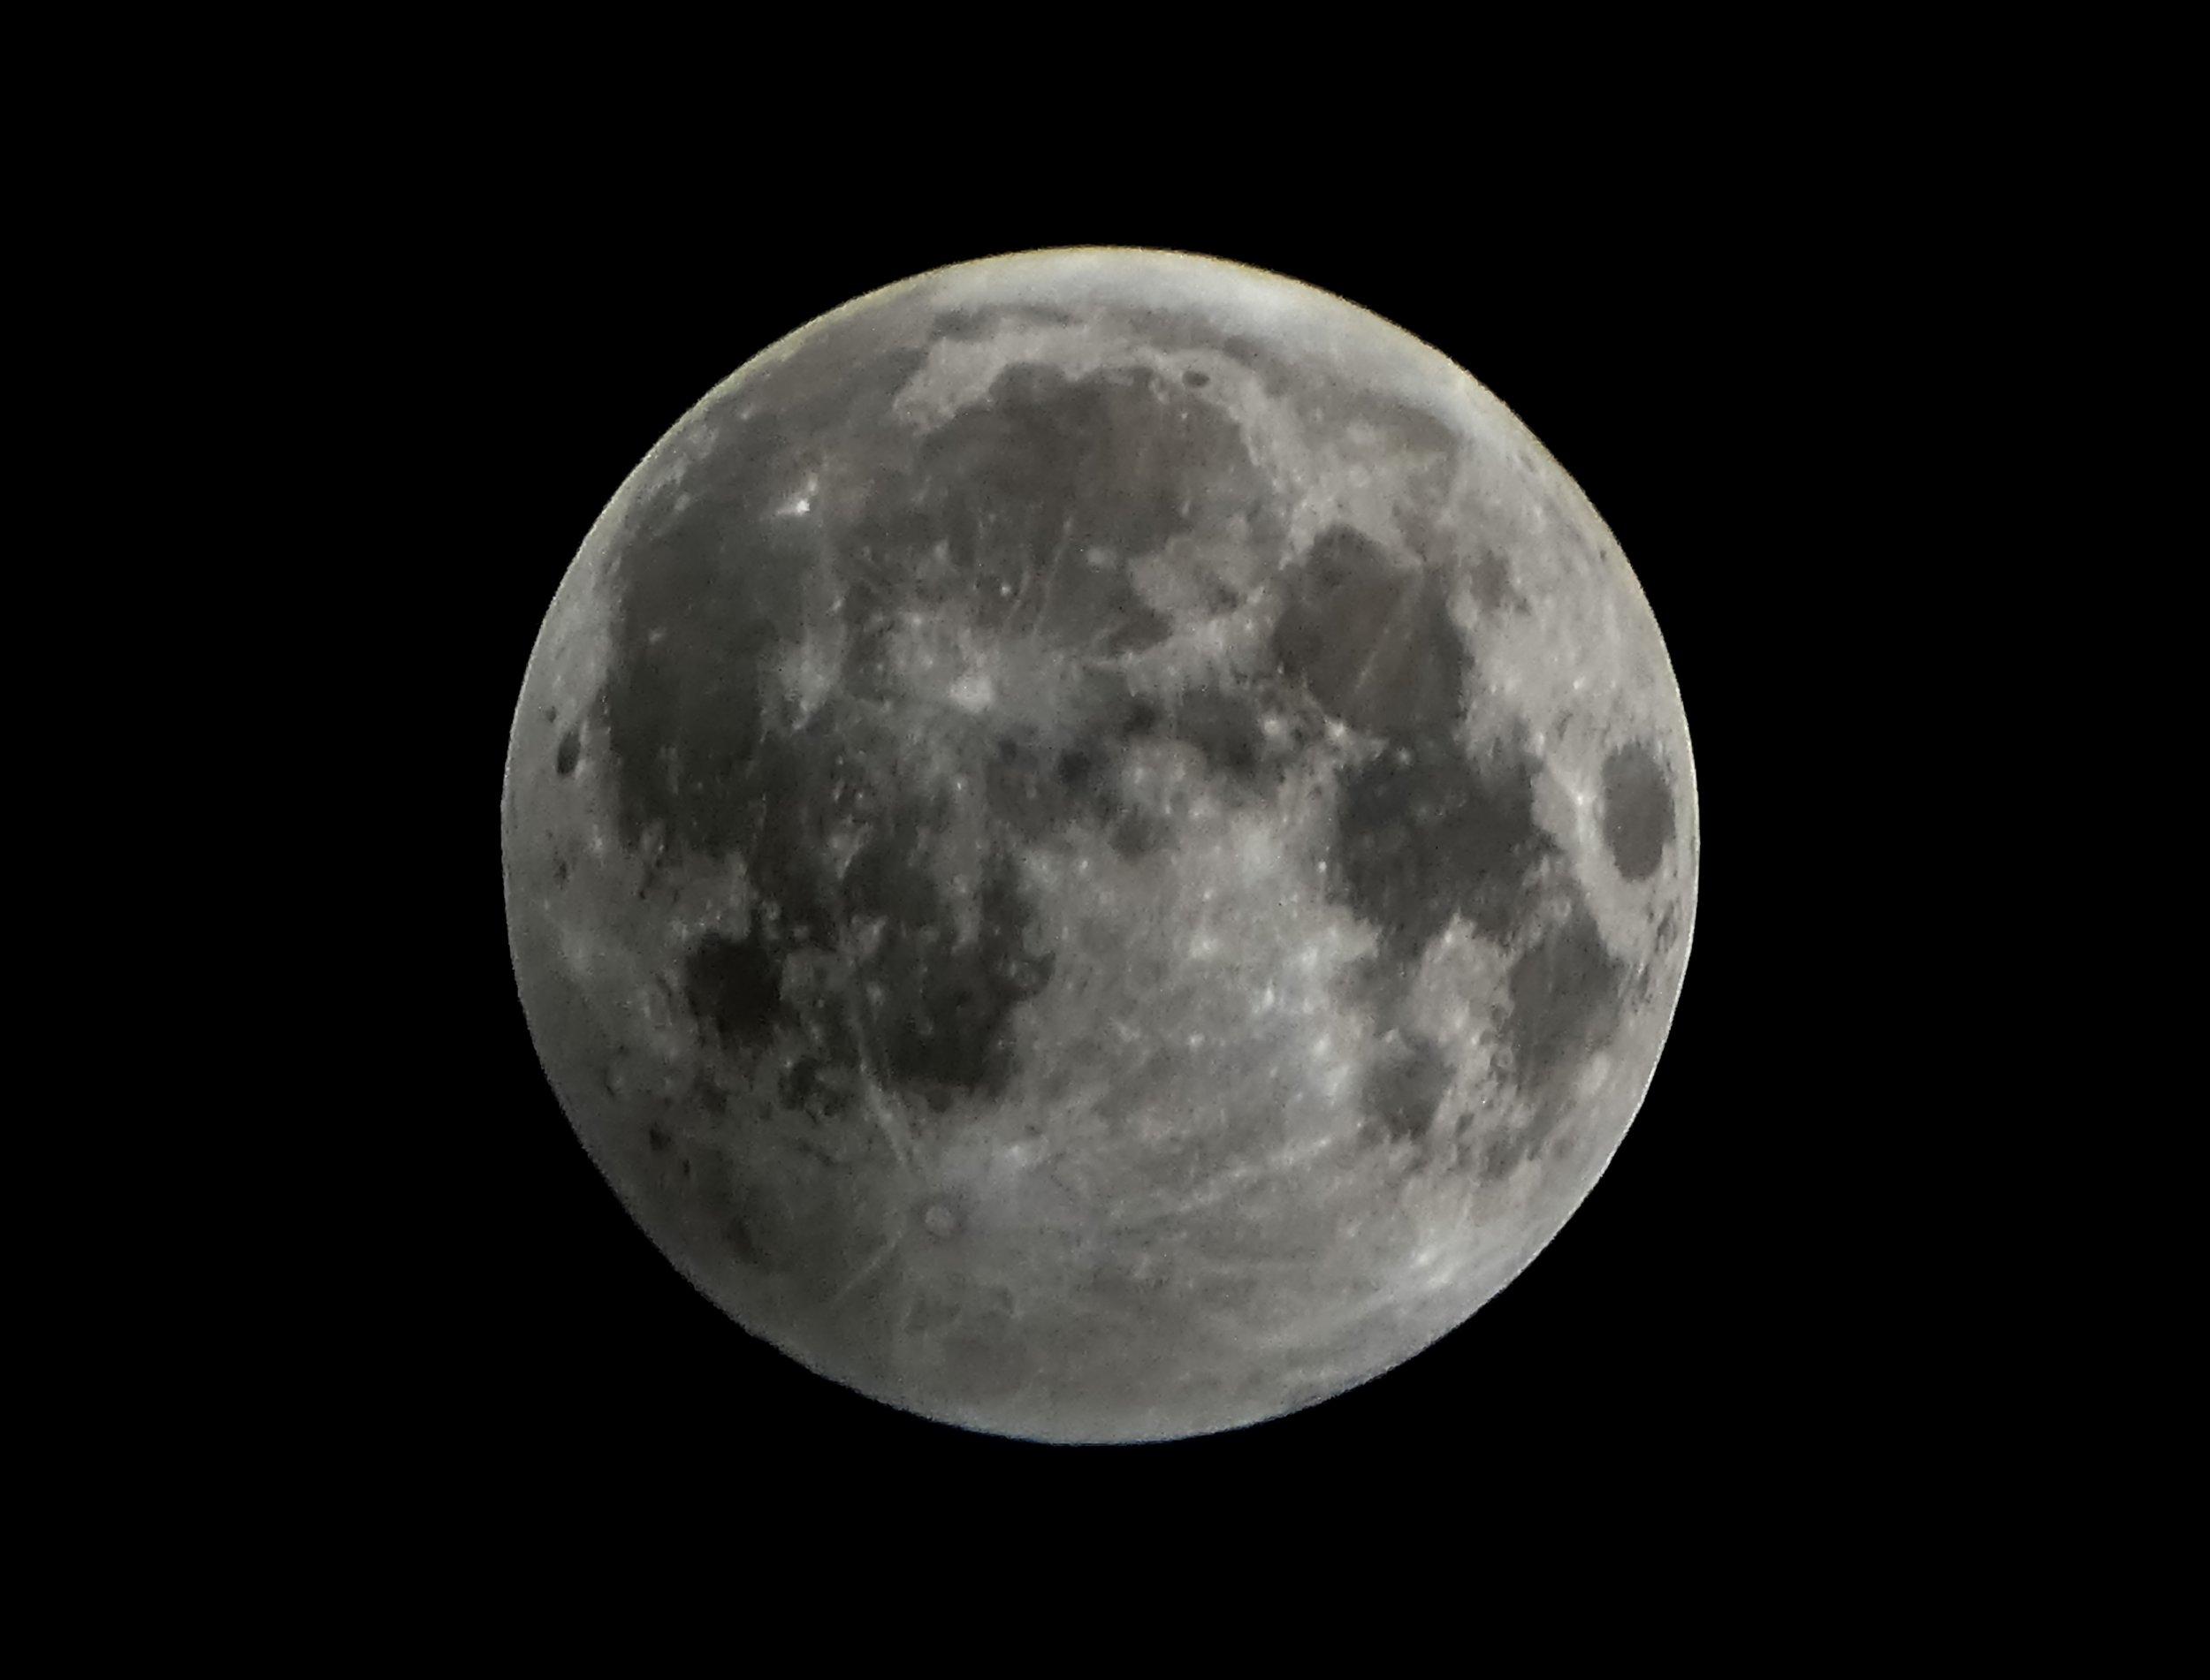 lunar space moon - photo #37